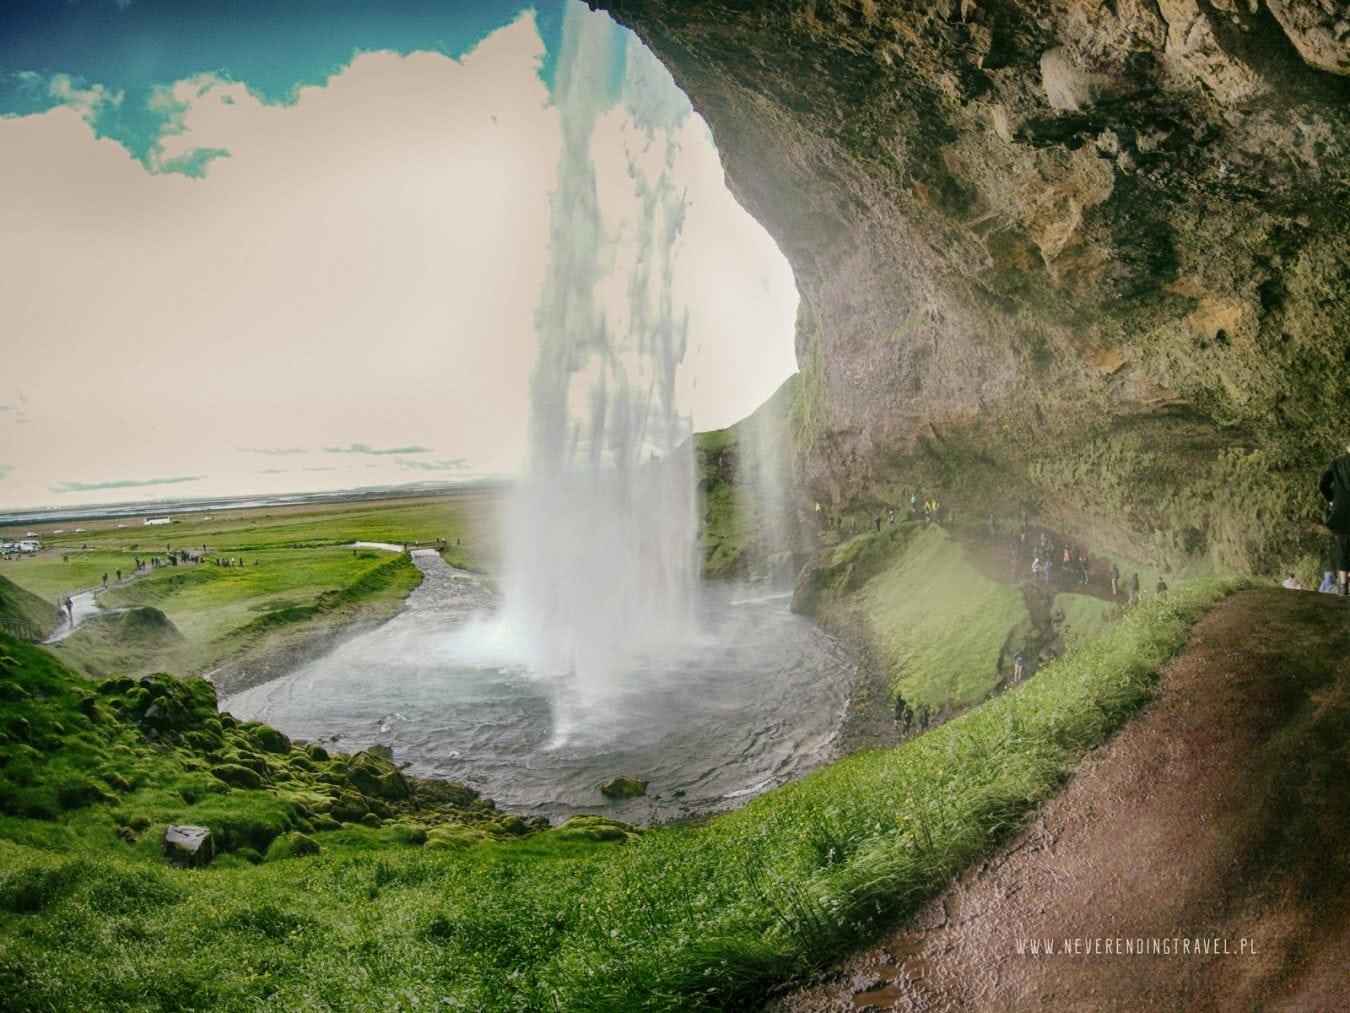 widok na wodospad ze środka jaskini-od tyłu wodospadu